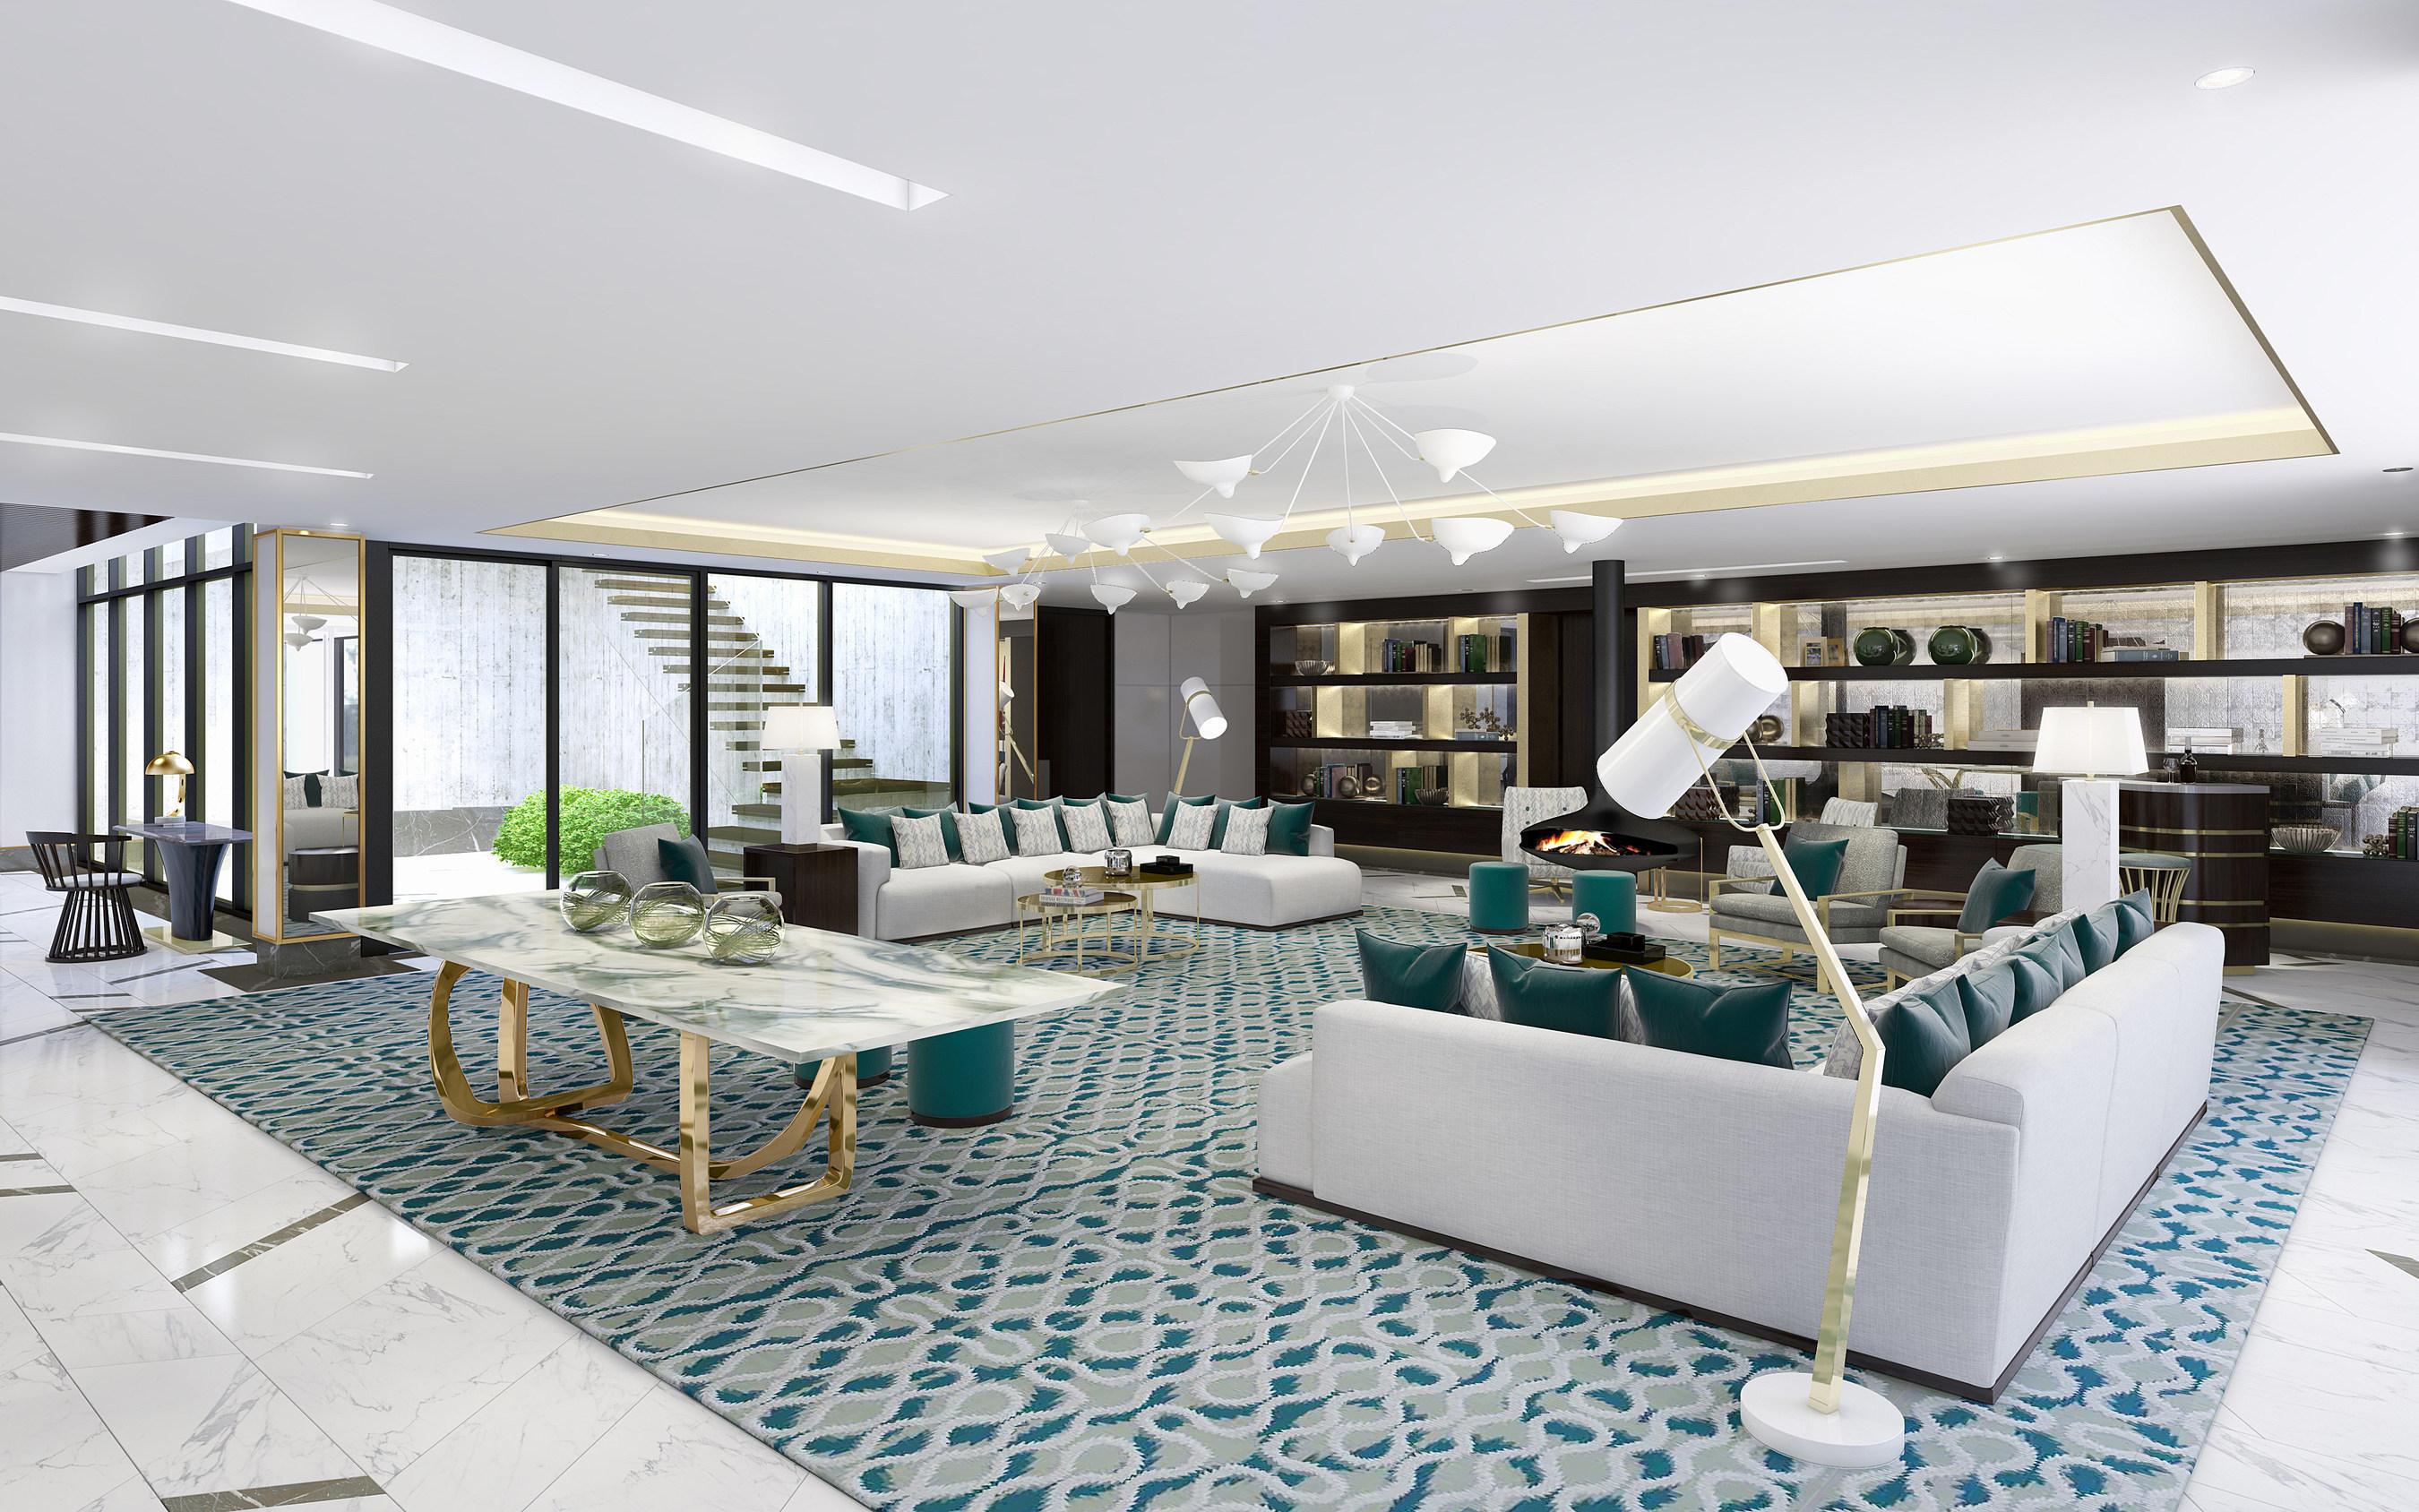 The London West Hollywood lanza un nuevo ático de 11.000 pies cuadrados Penthouse Inspired By